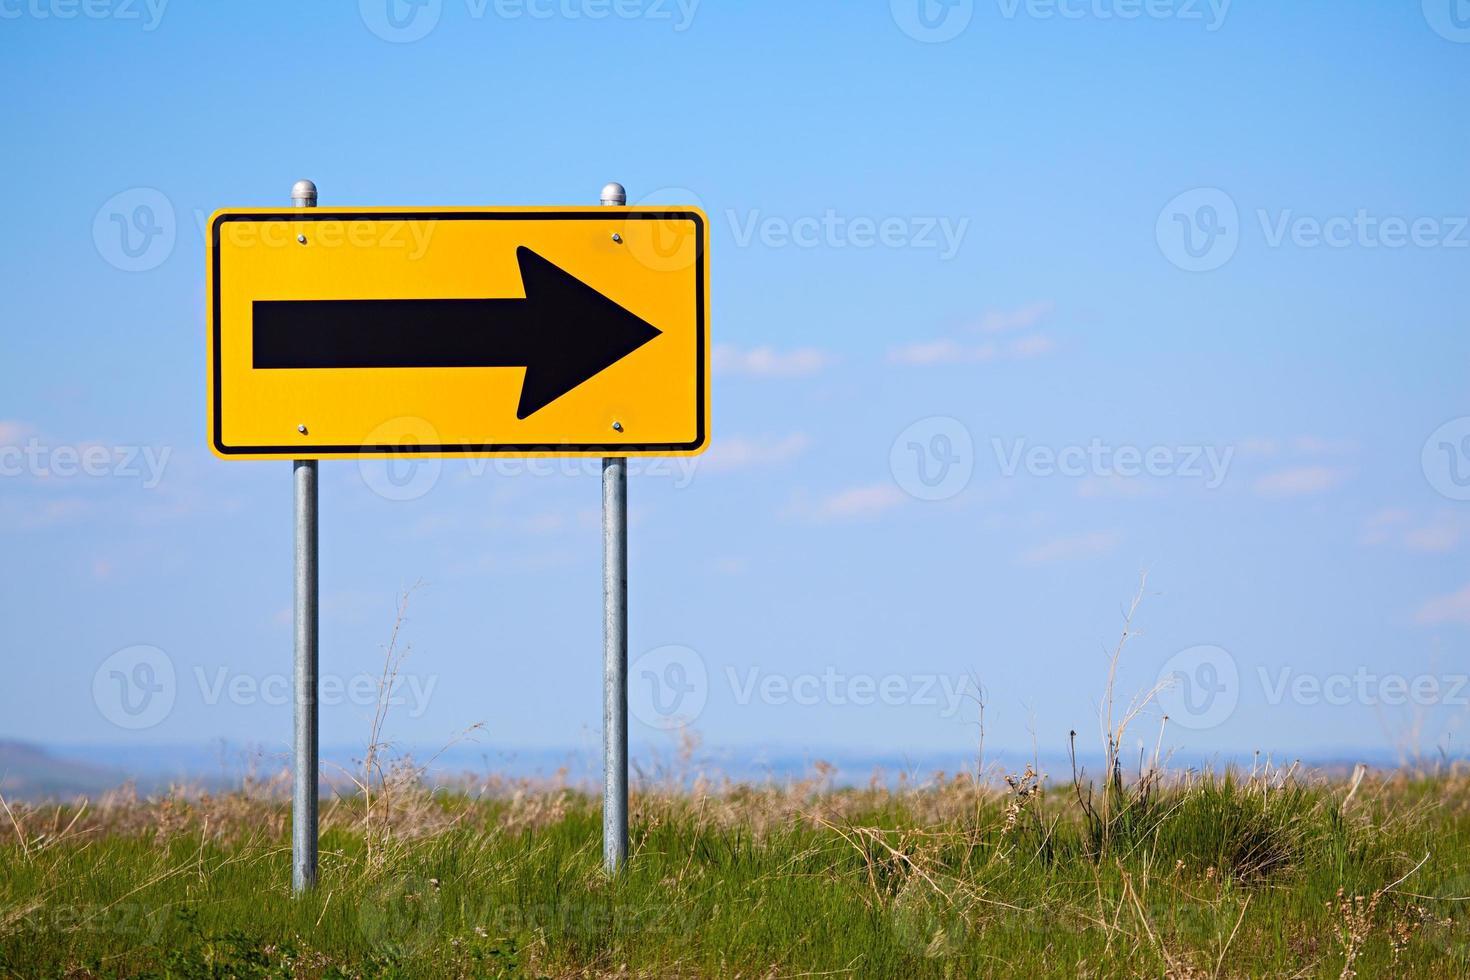 panneau routier virage à droite dans un sens photo